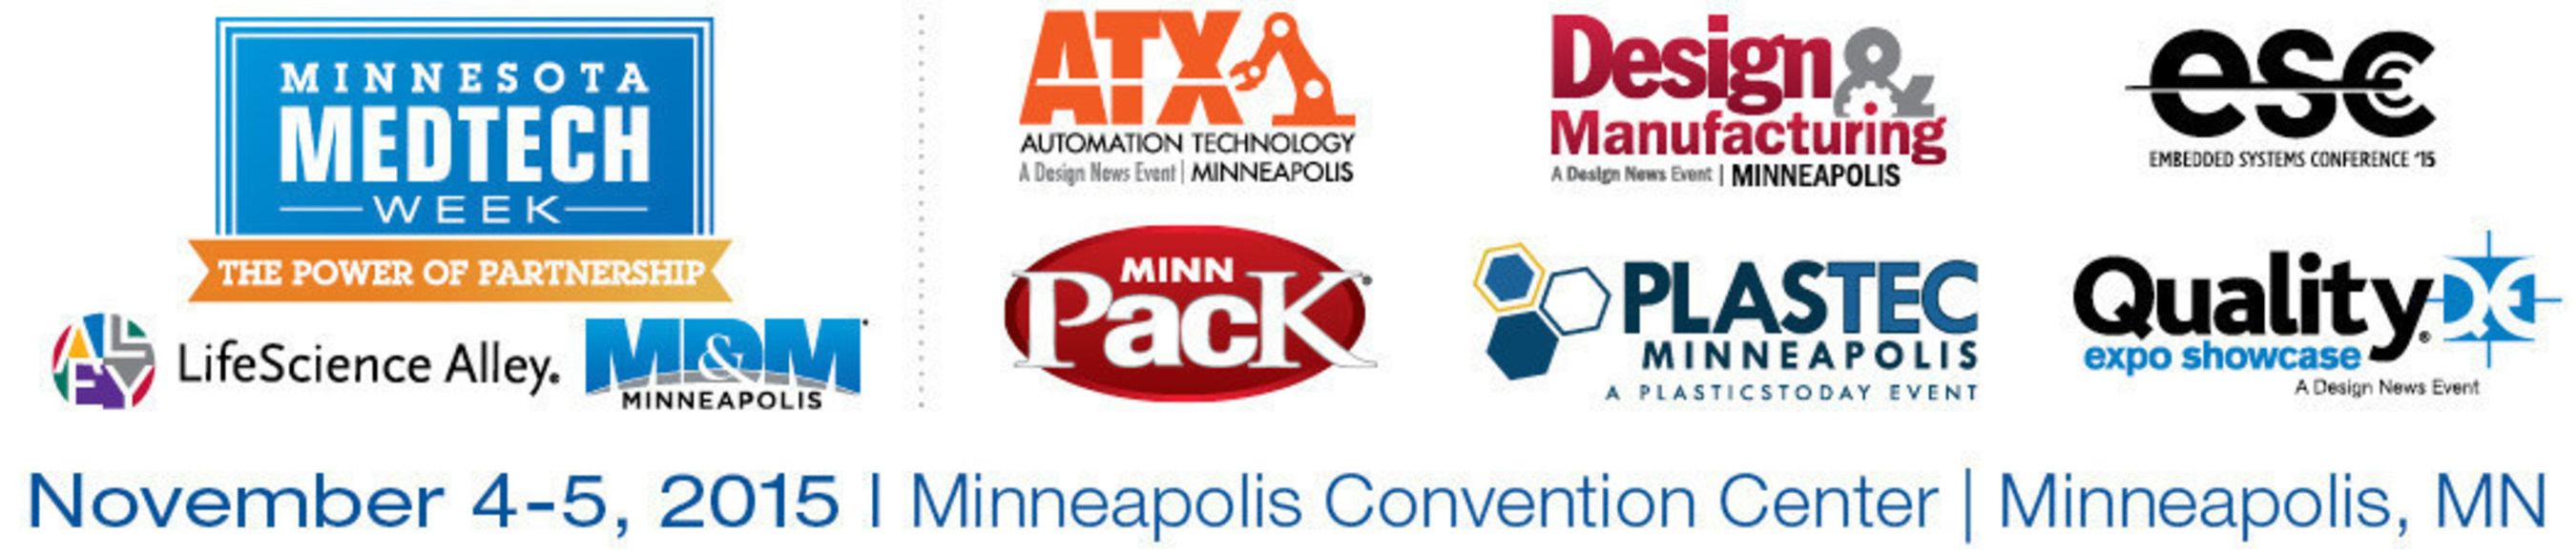 Minnesota Medtech Week   November 4-5, 2015   Minneapolis Convention Center